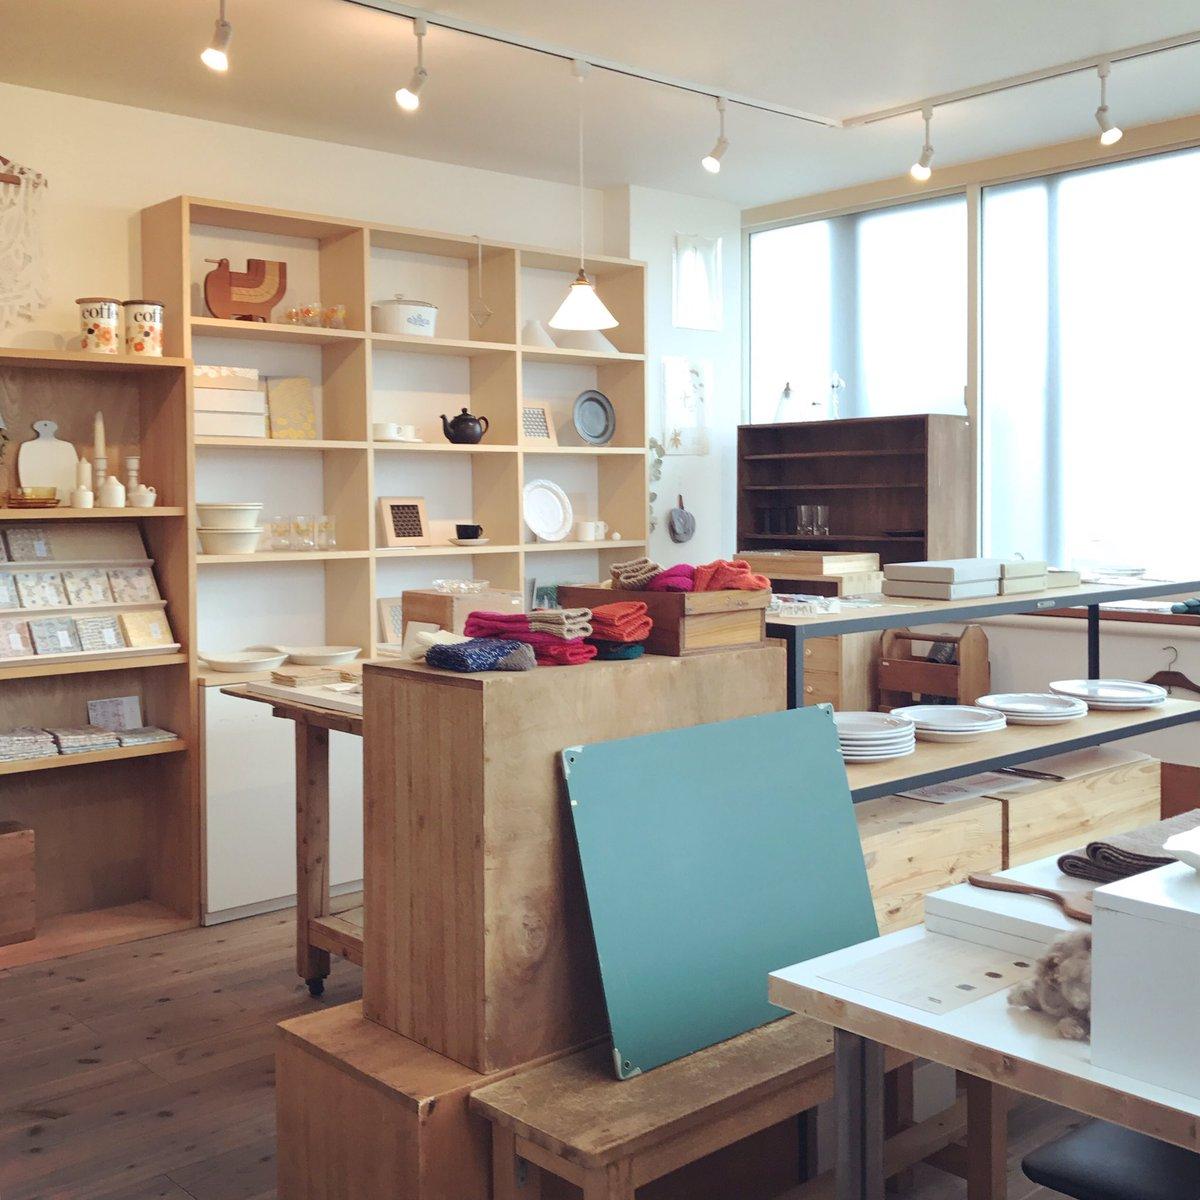 ヴィンテージ家具・雑貨・ハンドクラフトのお店「patrone」